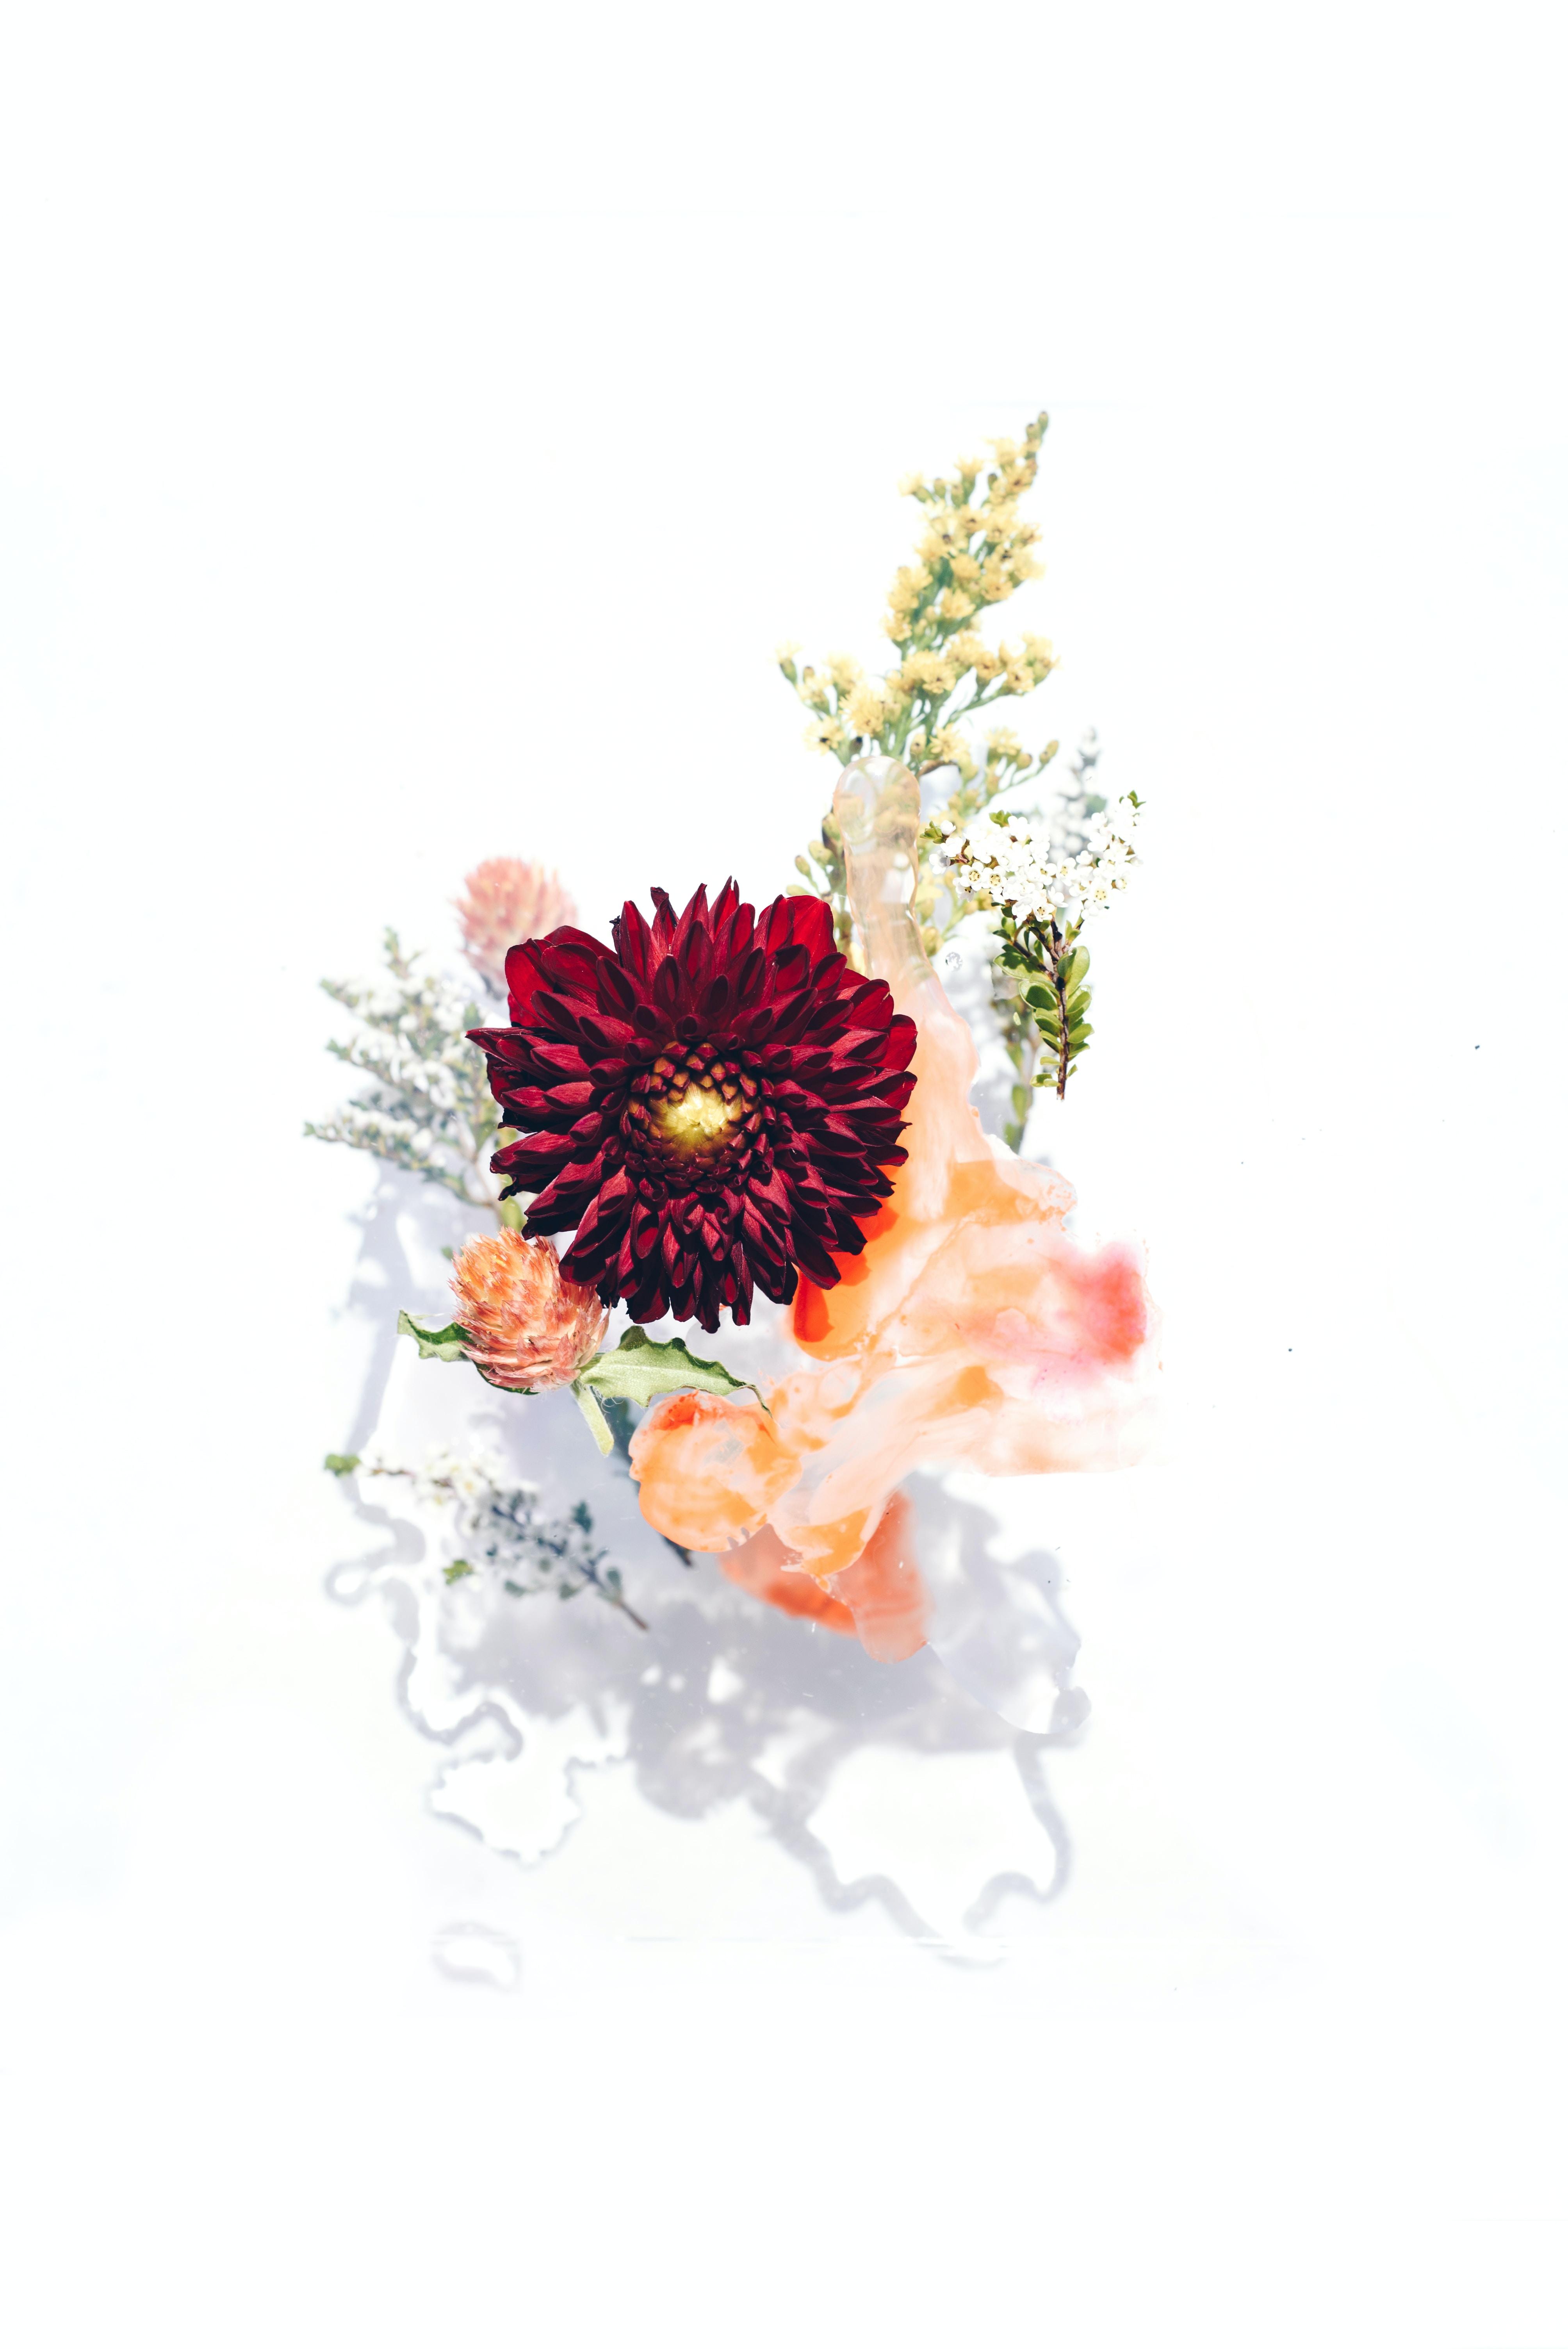 red petaled flowers in bloom